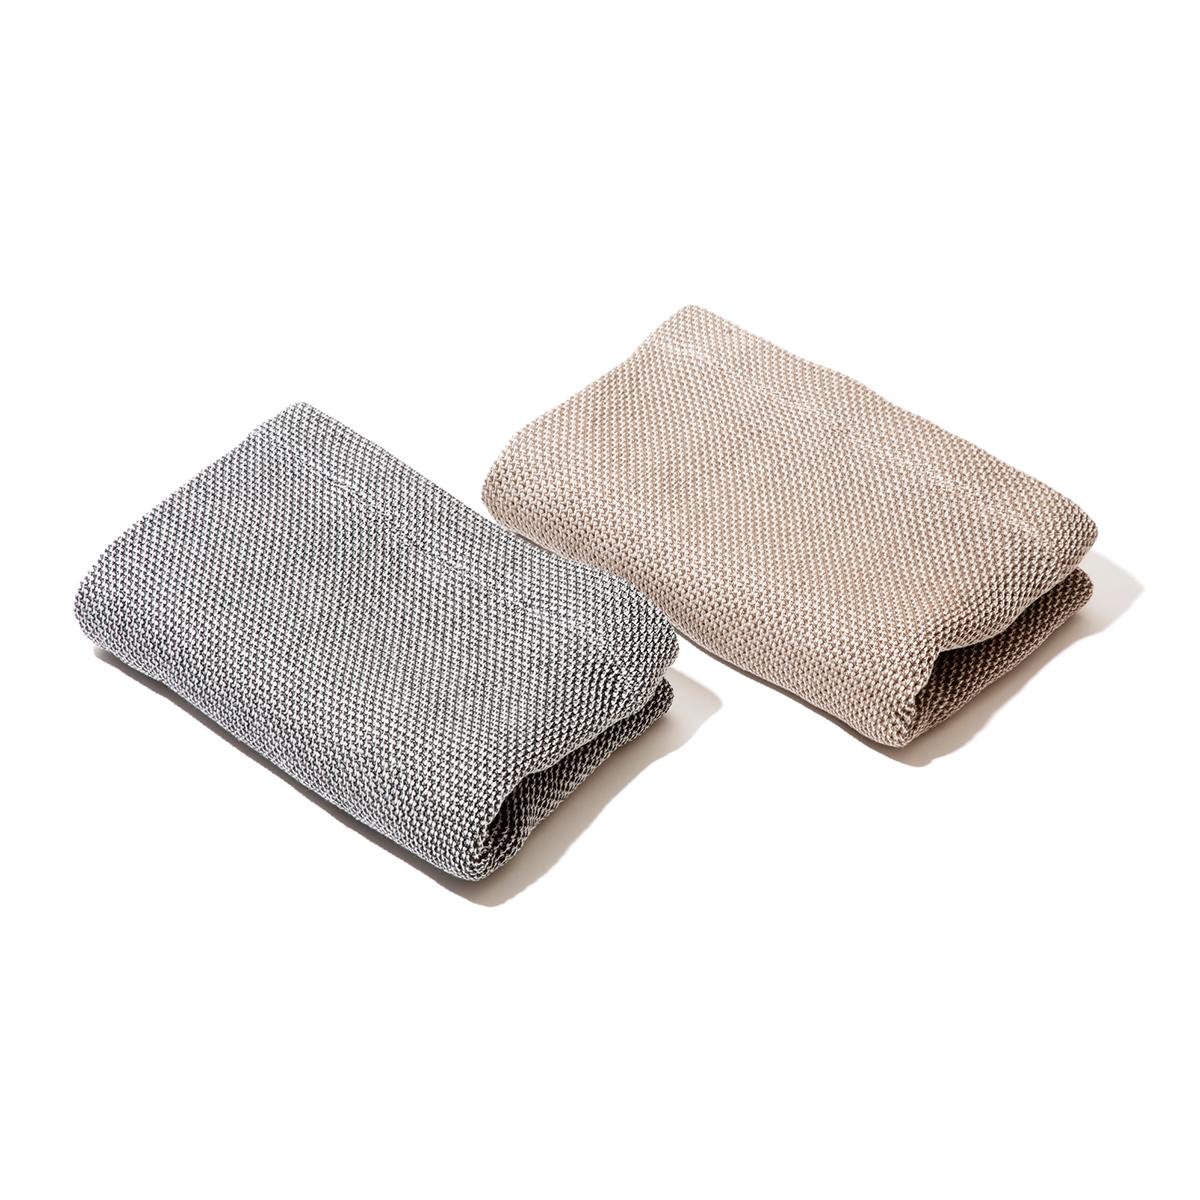 「熟睡」を追求したタオルケット 《ハーフケット》凹凸状のハニカム織りが、汗と湿気を逃がすケット ハニカムケット